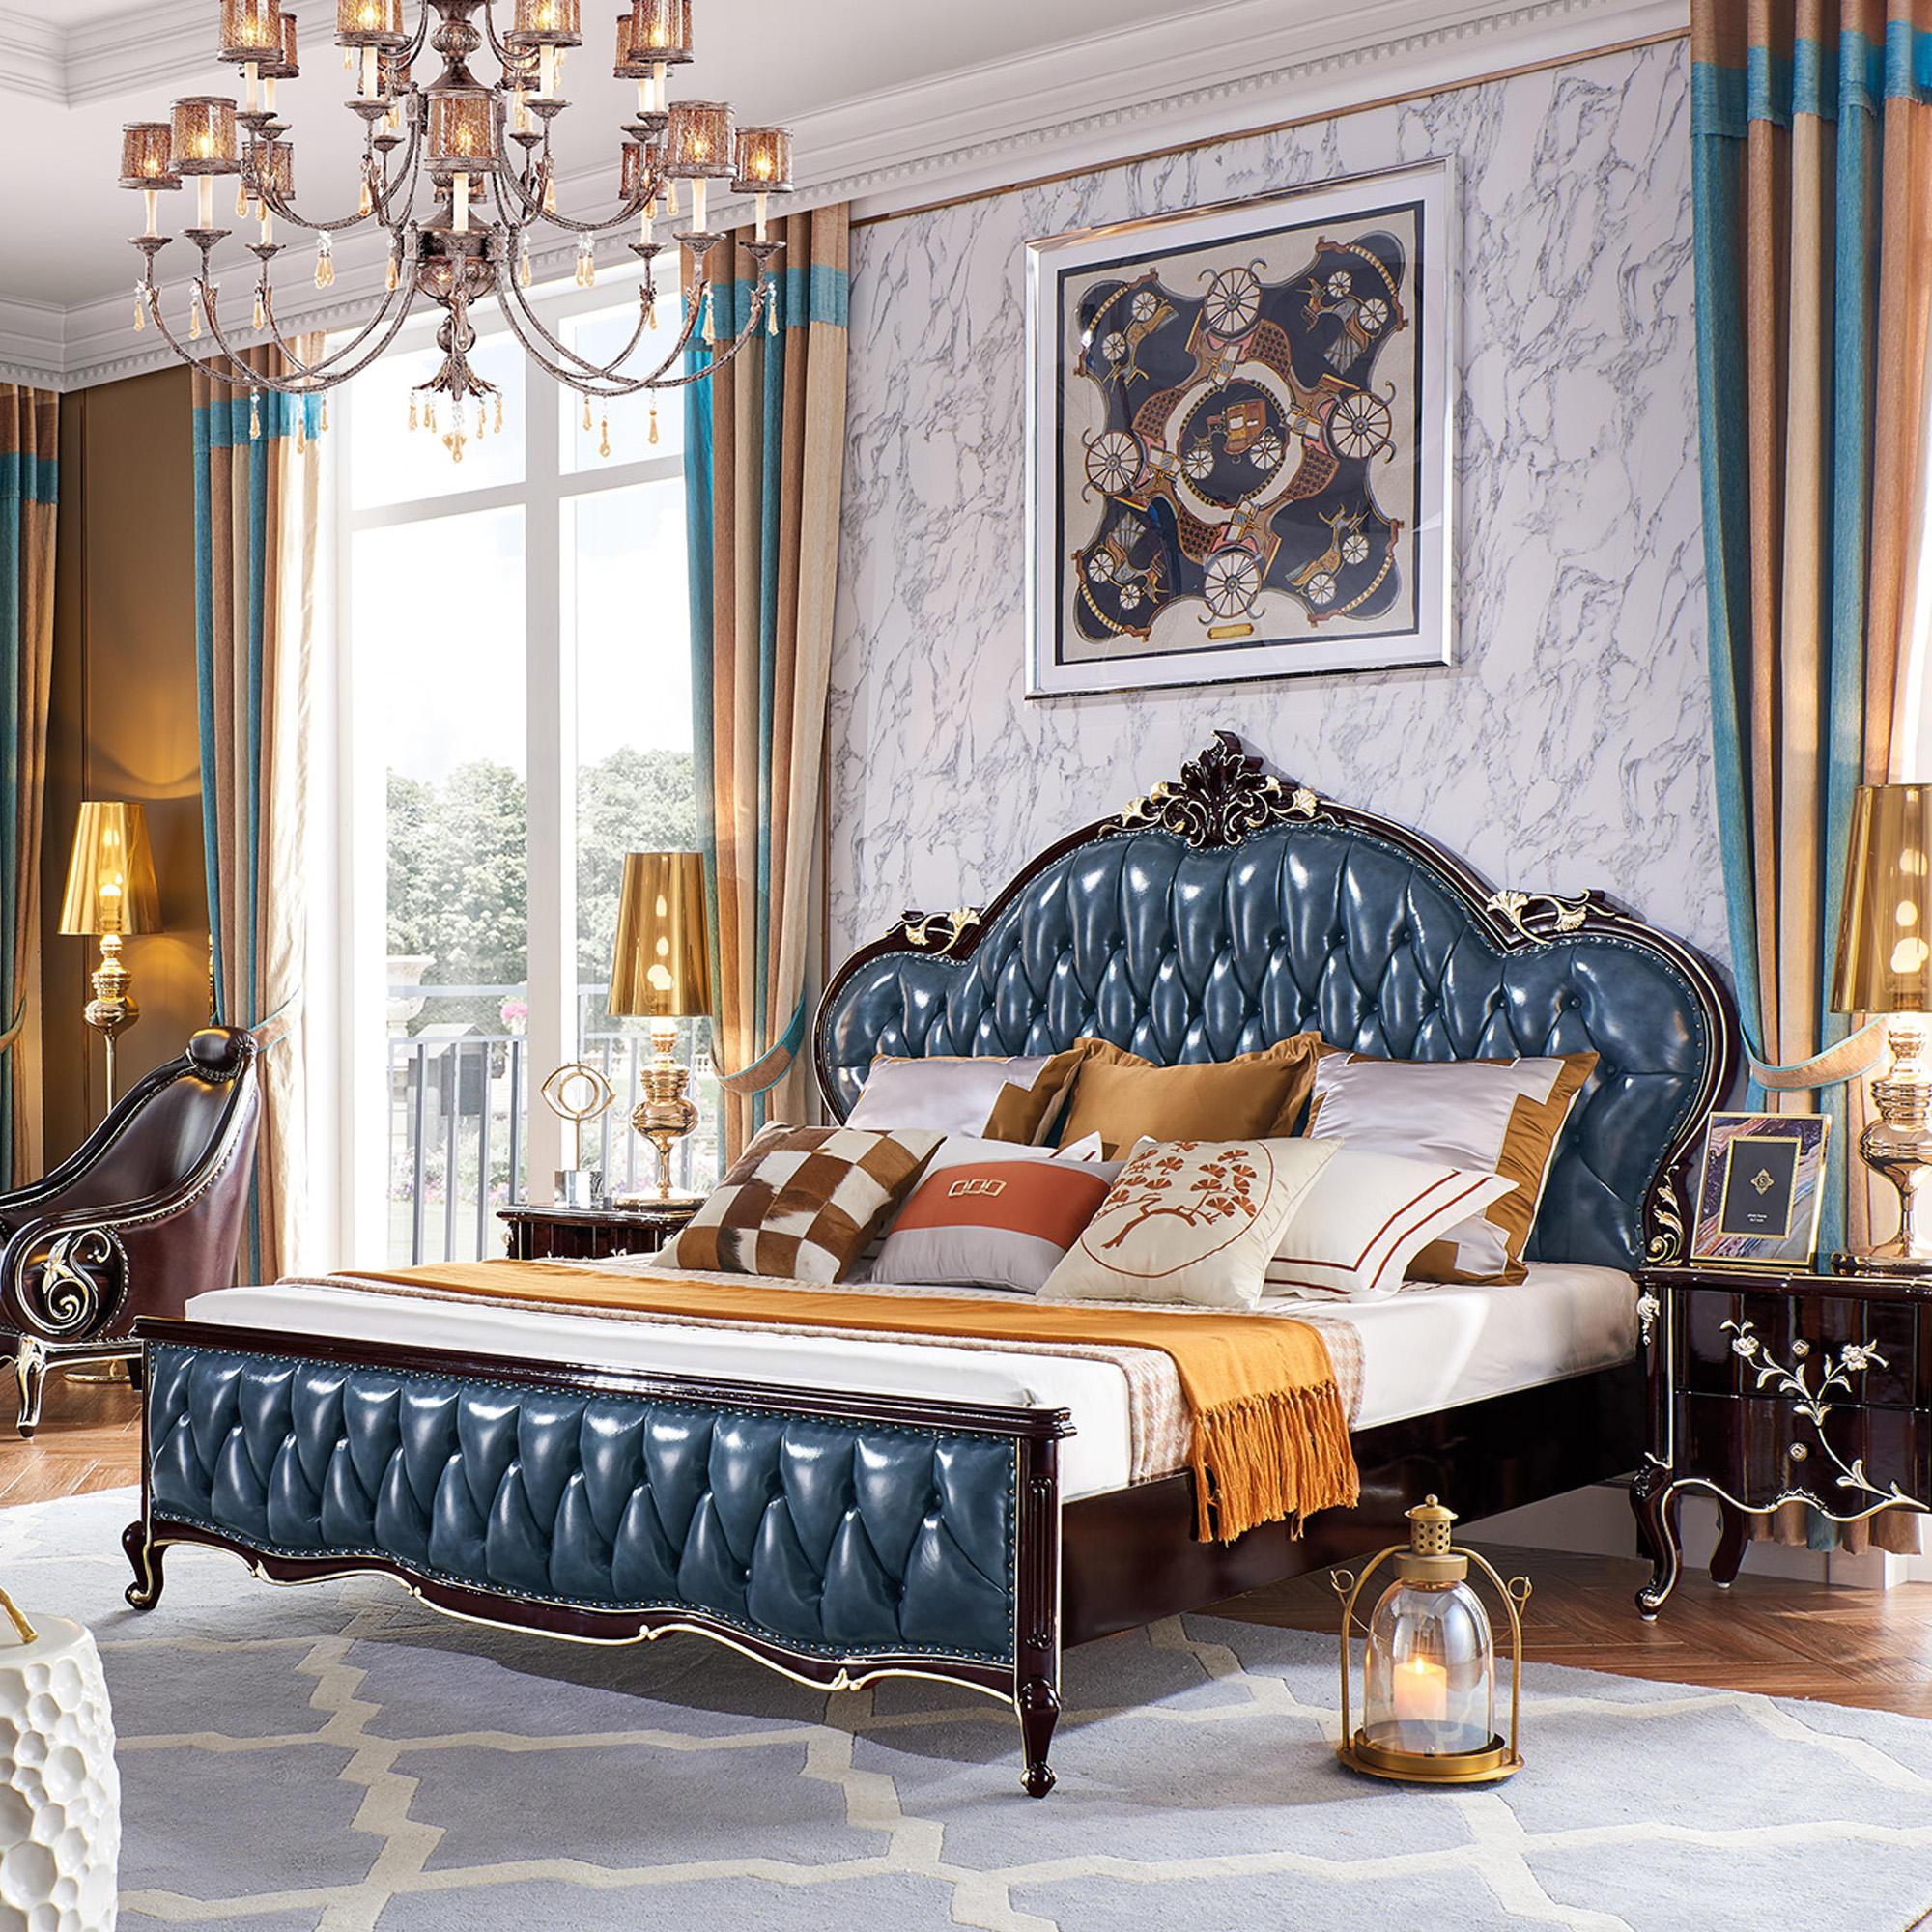 Chine sexe cuir d&#39;auvent de lit double en bois de luxe cadre en bois moderne dans la <span class=keywords><strong>chambre</strong></span> à coucher